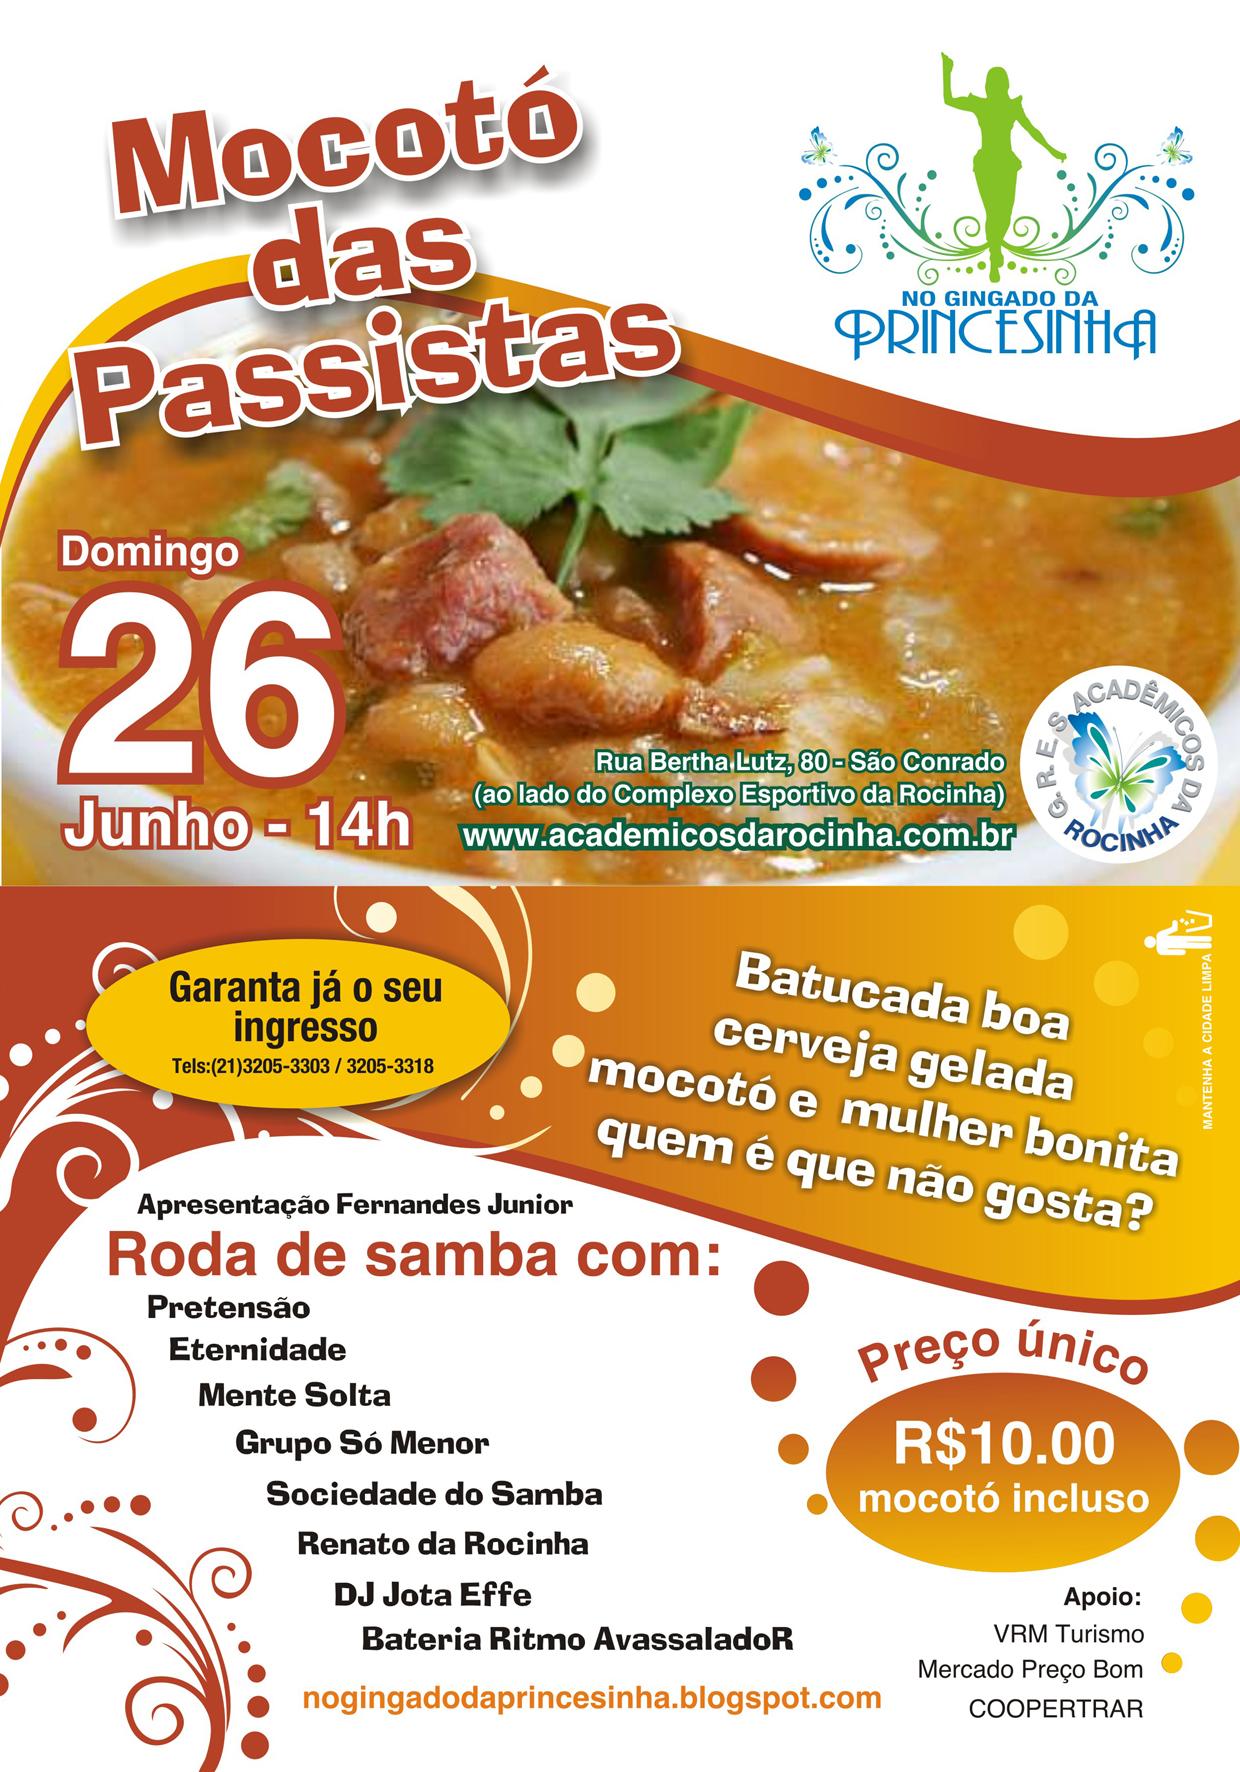 Flyer 1º Mocotó das Passistas da Acadêmicos da Rocinha